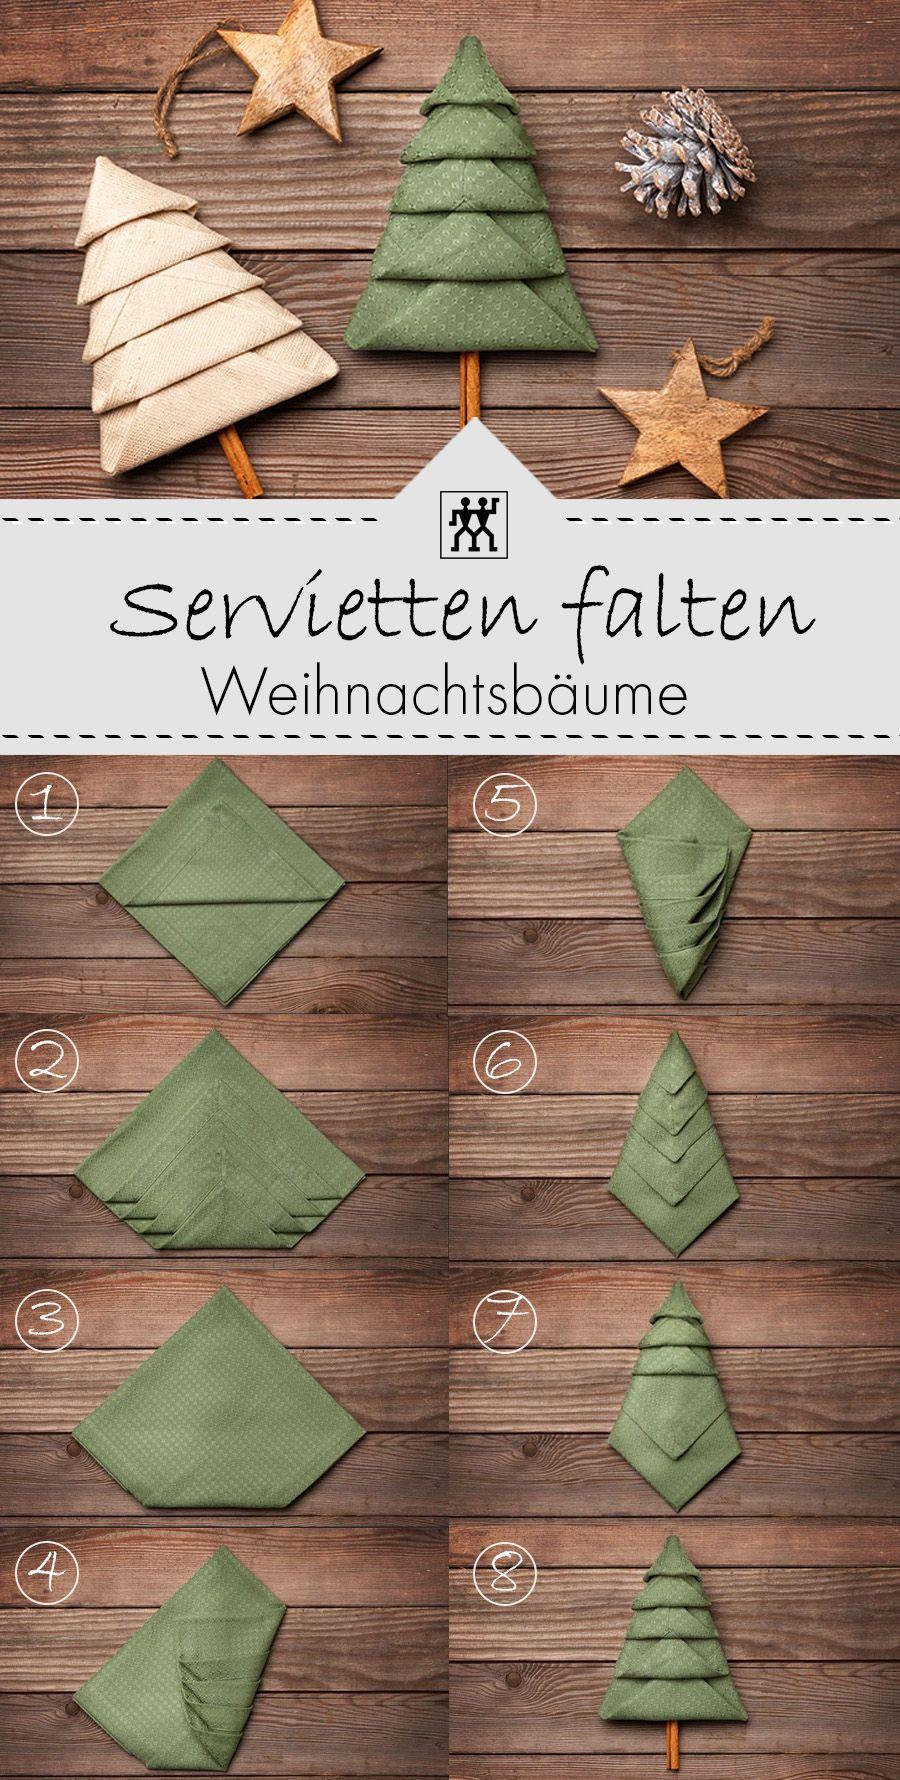 Servietten falten für Weihnachten | ZWILLING Onlin